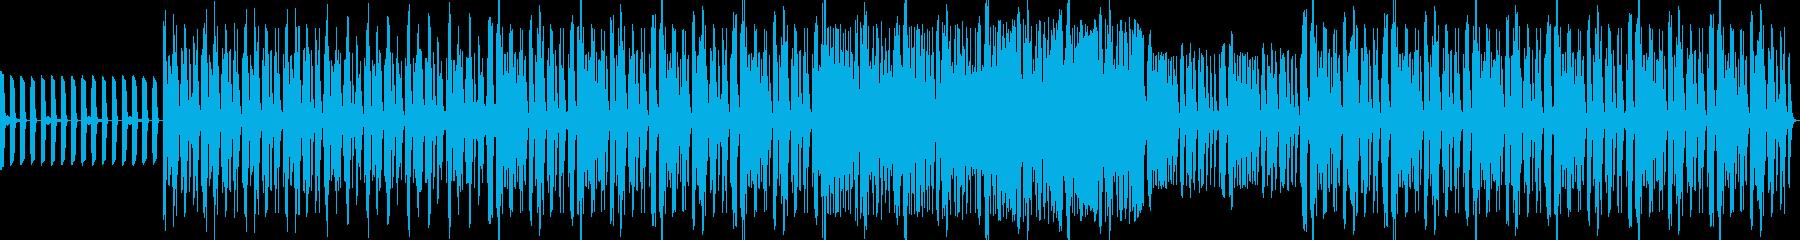 電子。クレッシェンドBpm。気になる。の再生済みの波形